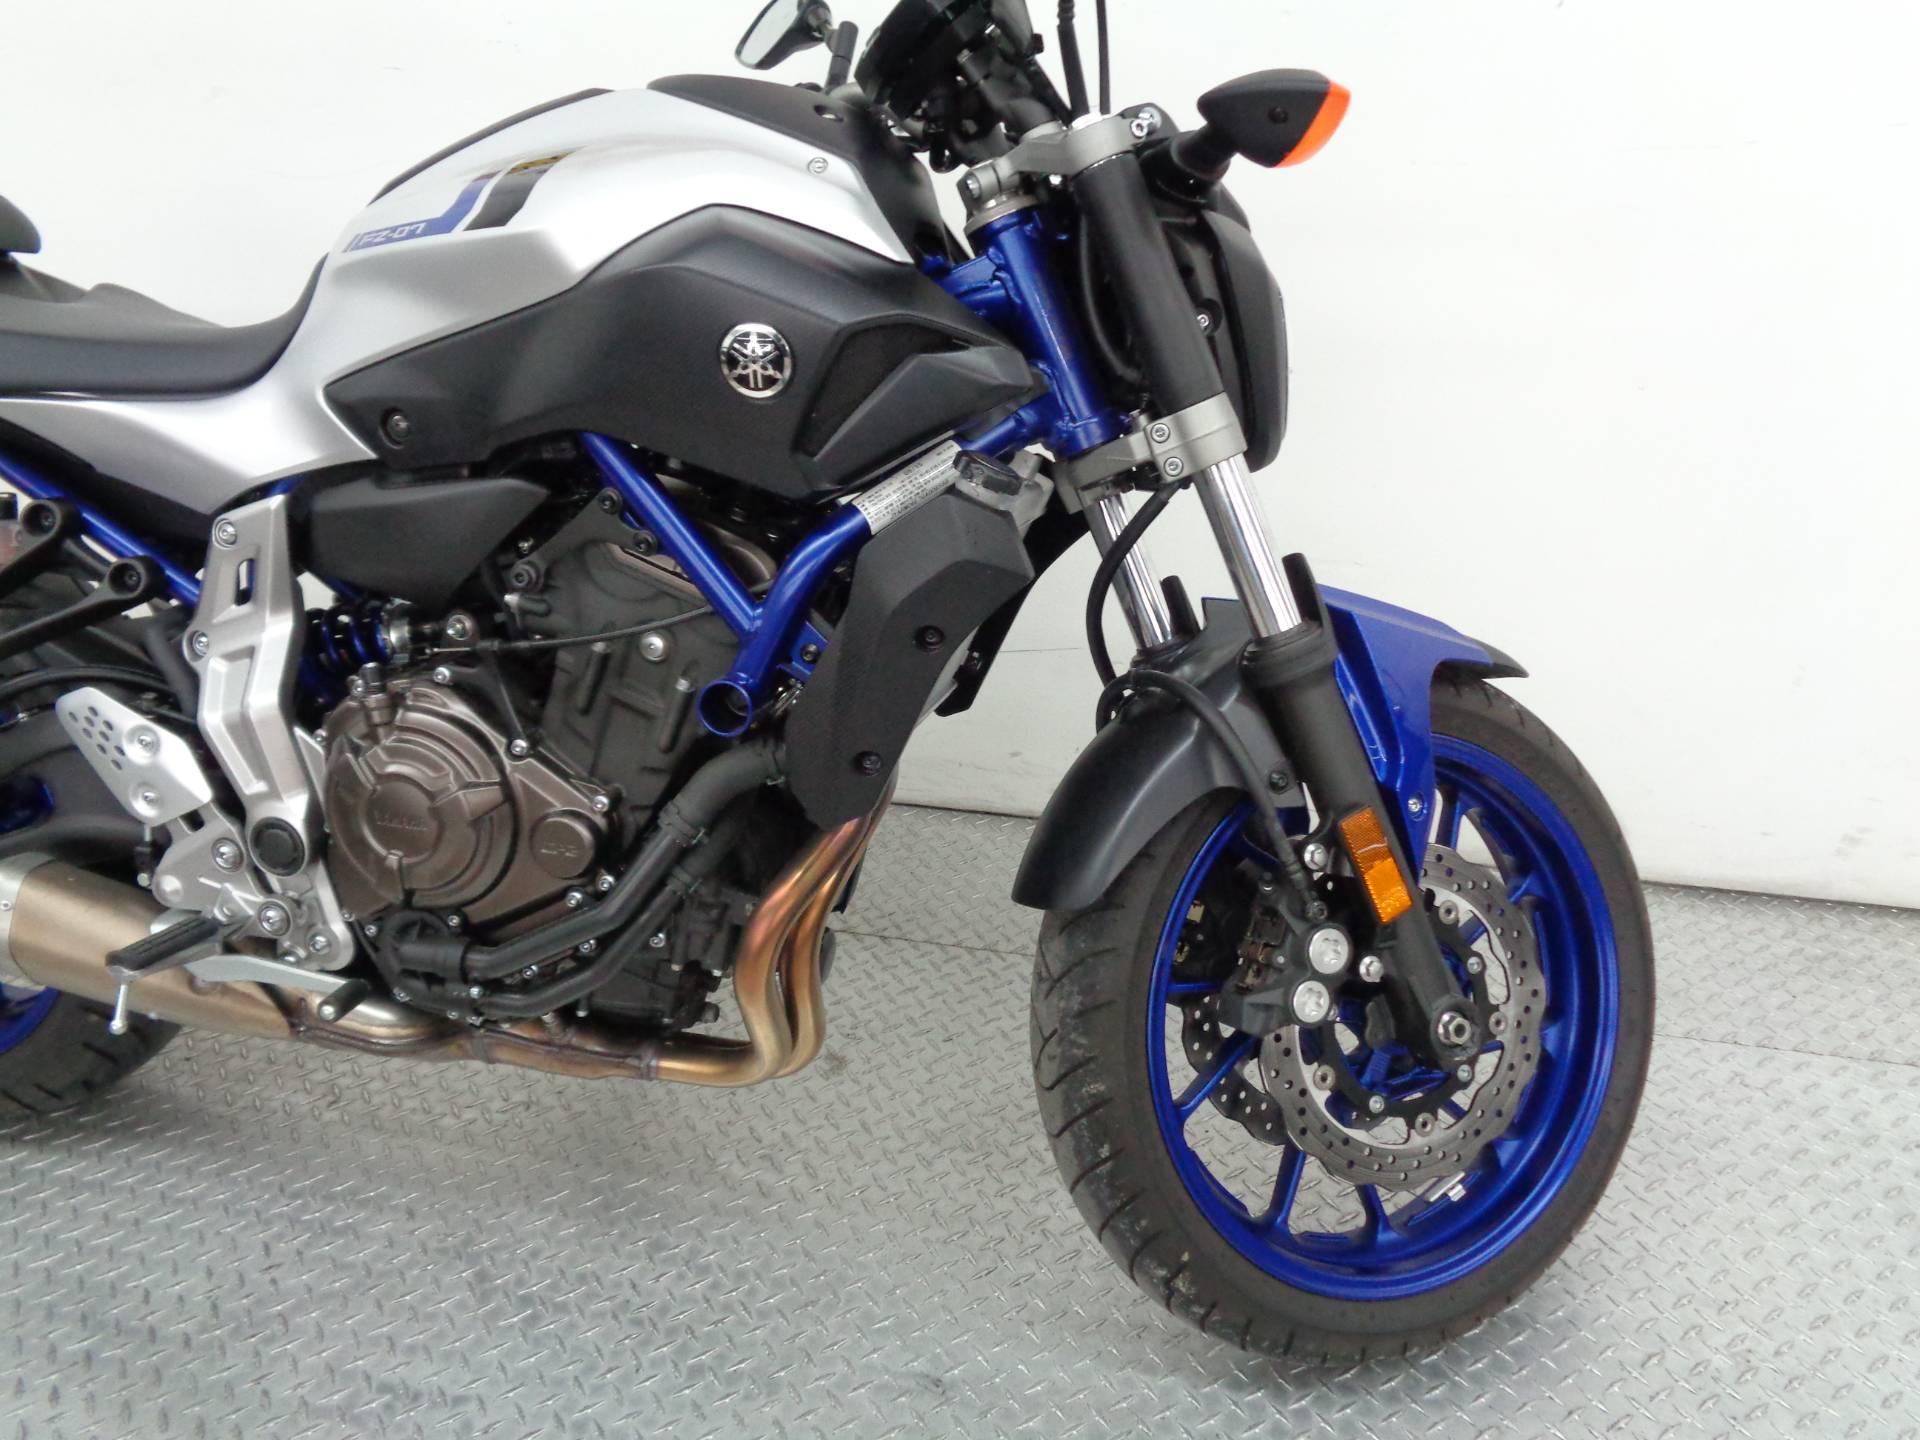 2016 Yamaha FZ-07 12